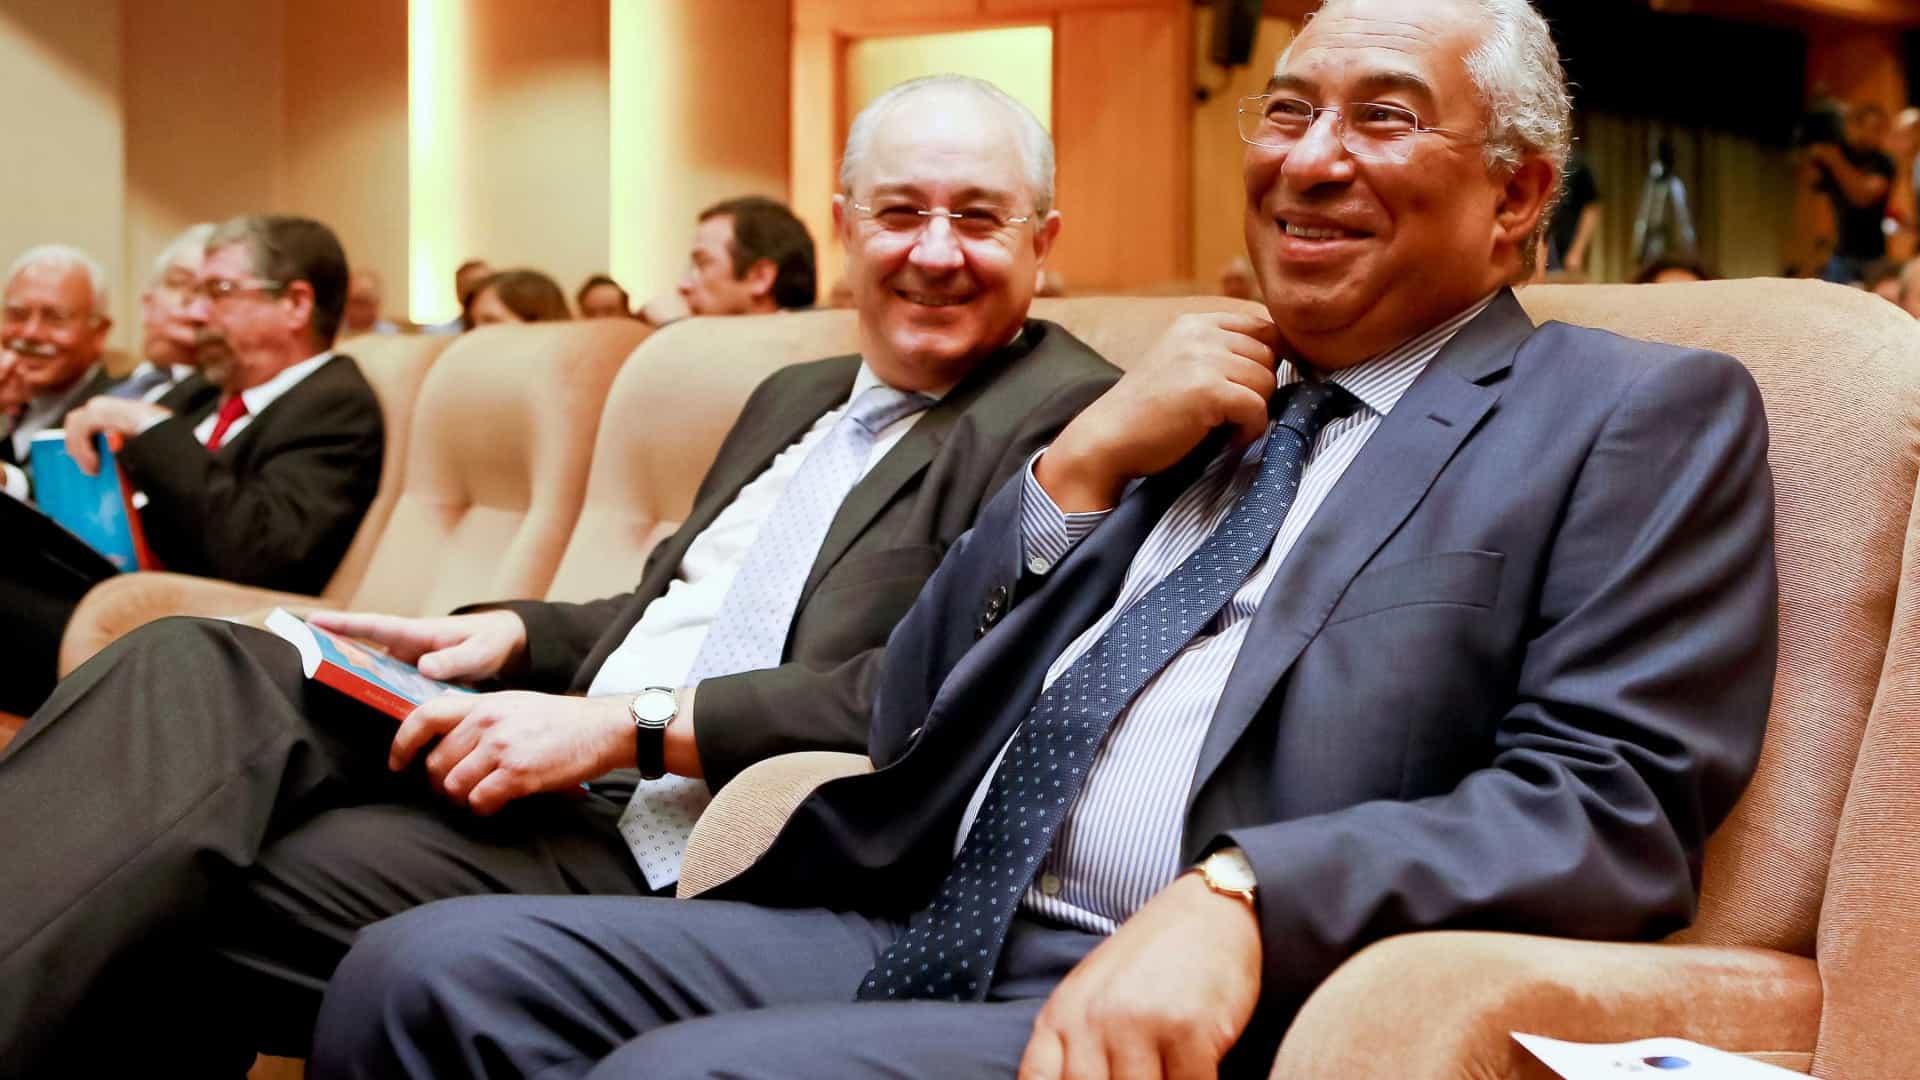 """CCDR: """"PS e PSD a distribuírem entre si cargos de presidente nas várias CCDR, num processo que de democrático tem muito pouco"""""""